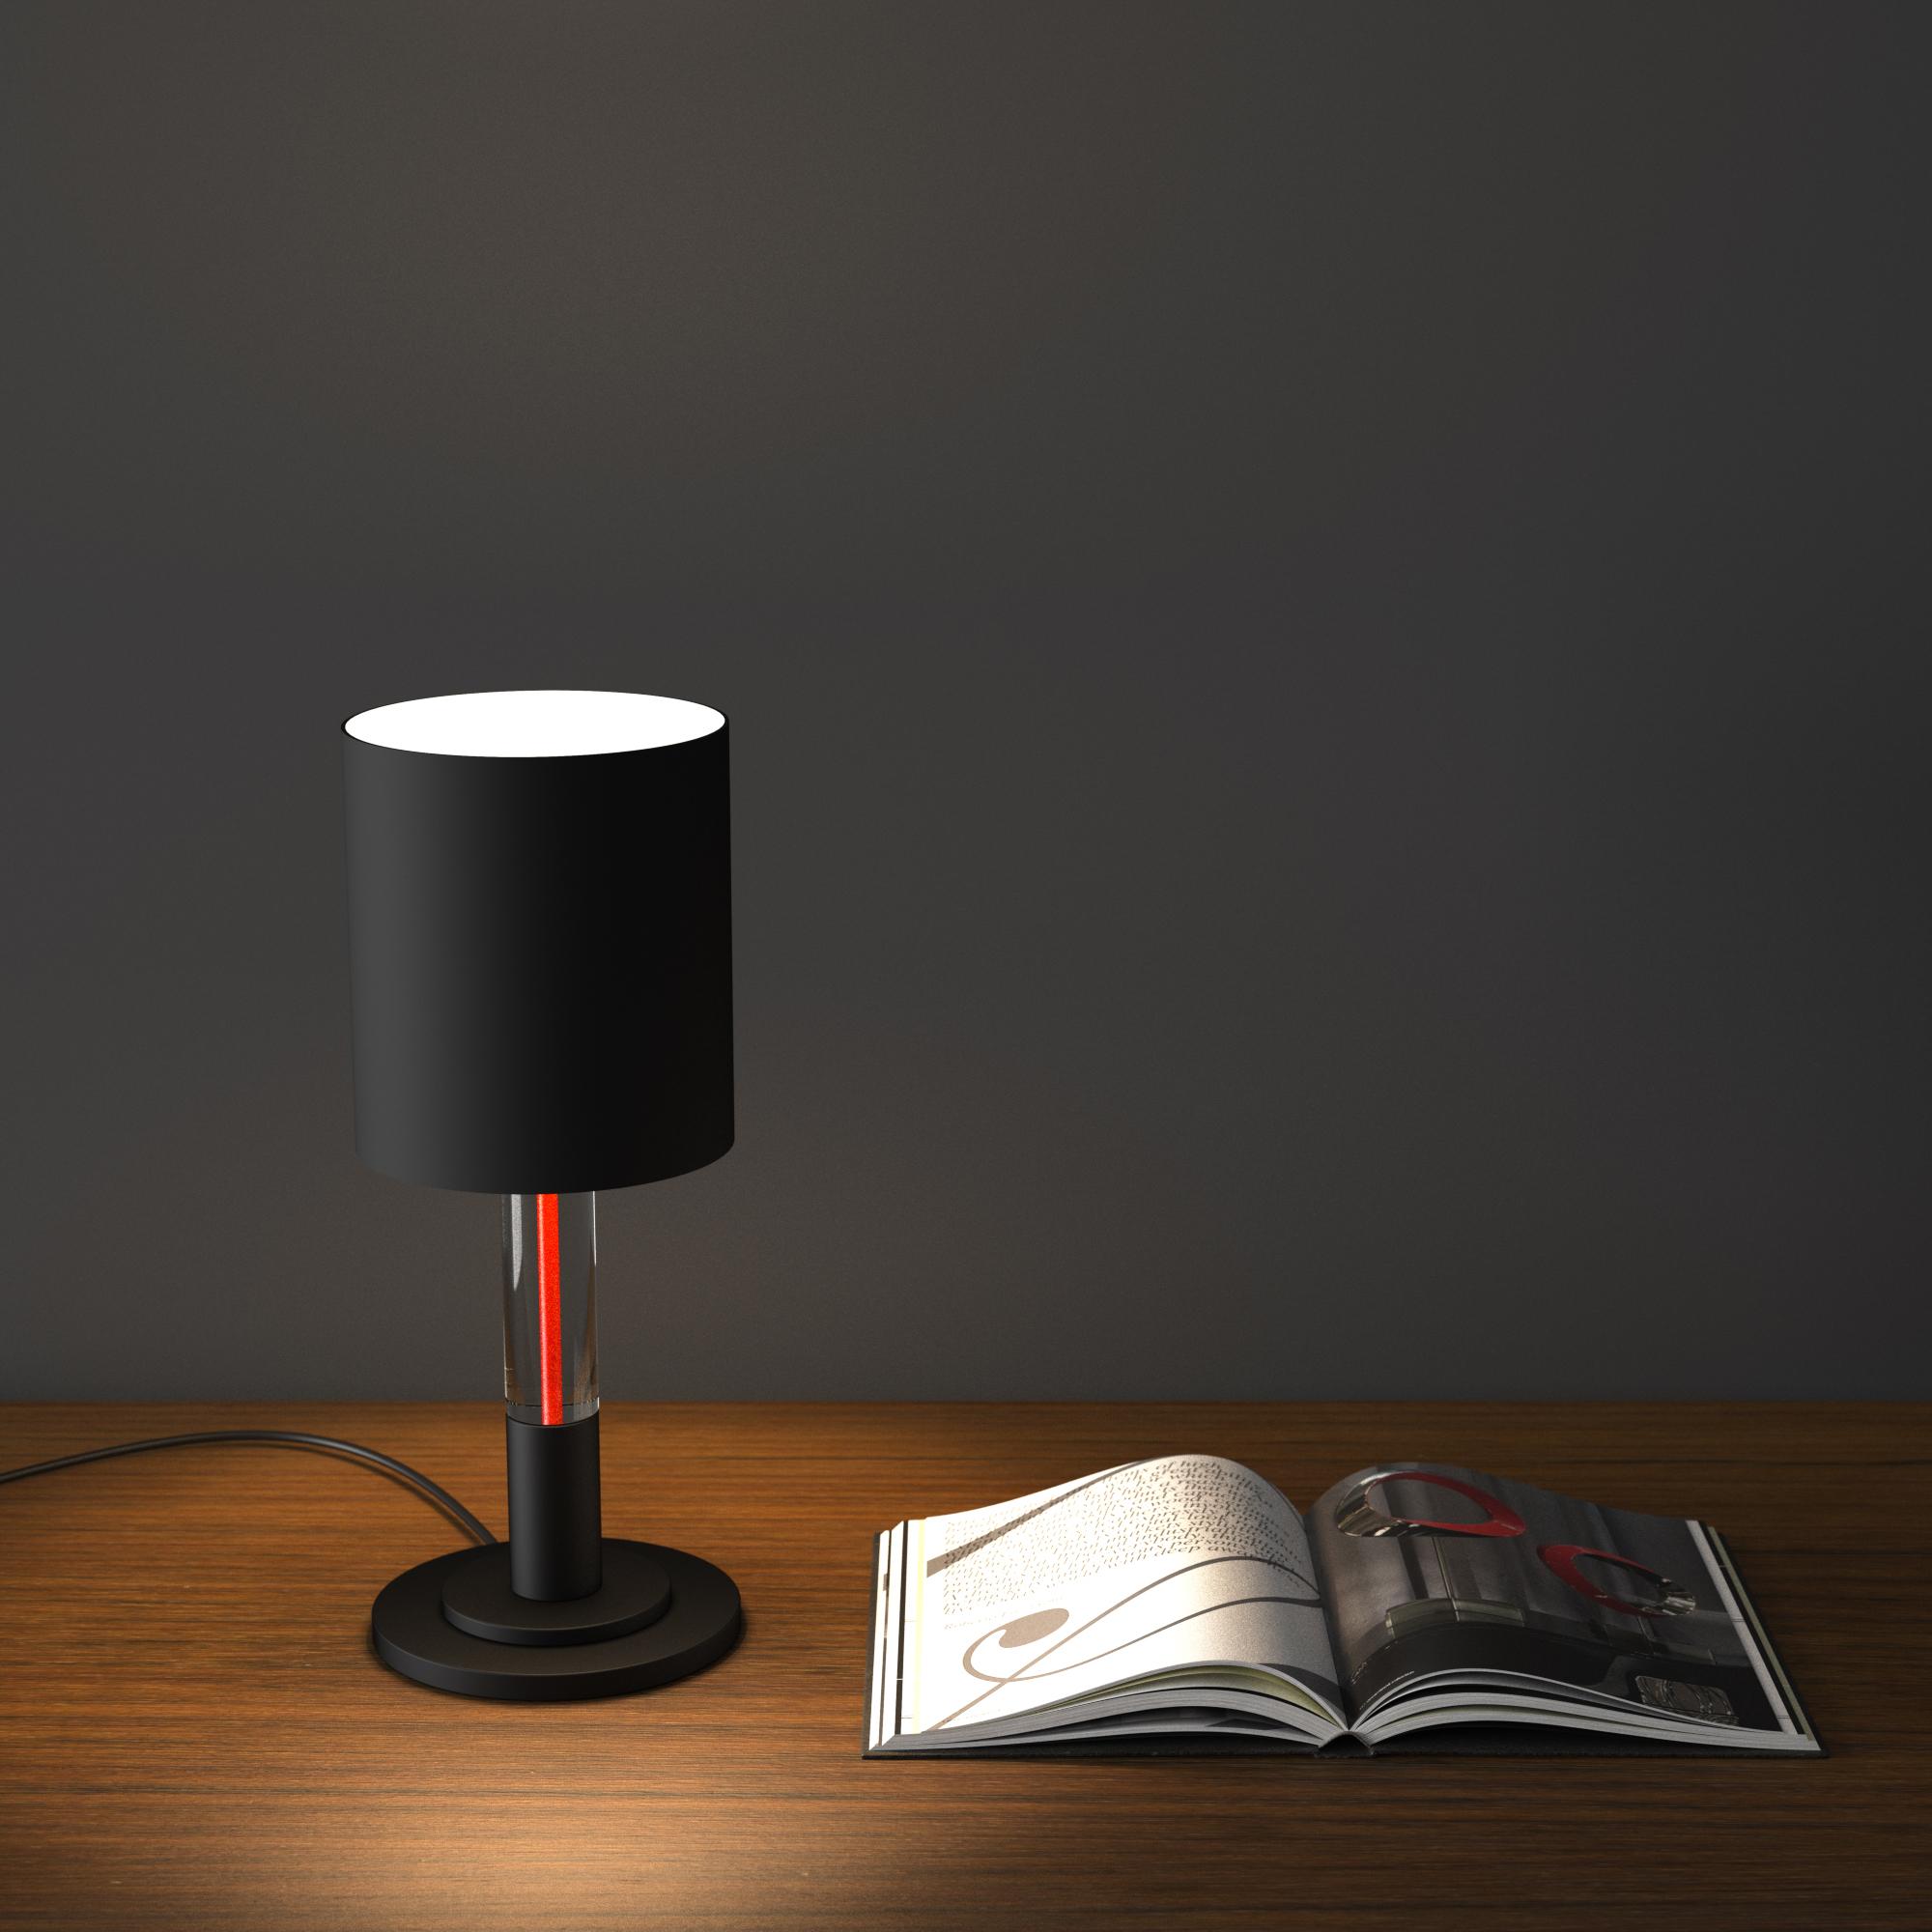 Lampada da tavolo Plex